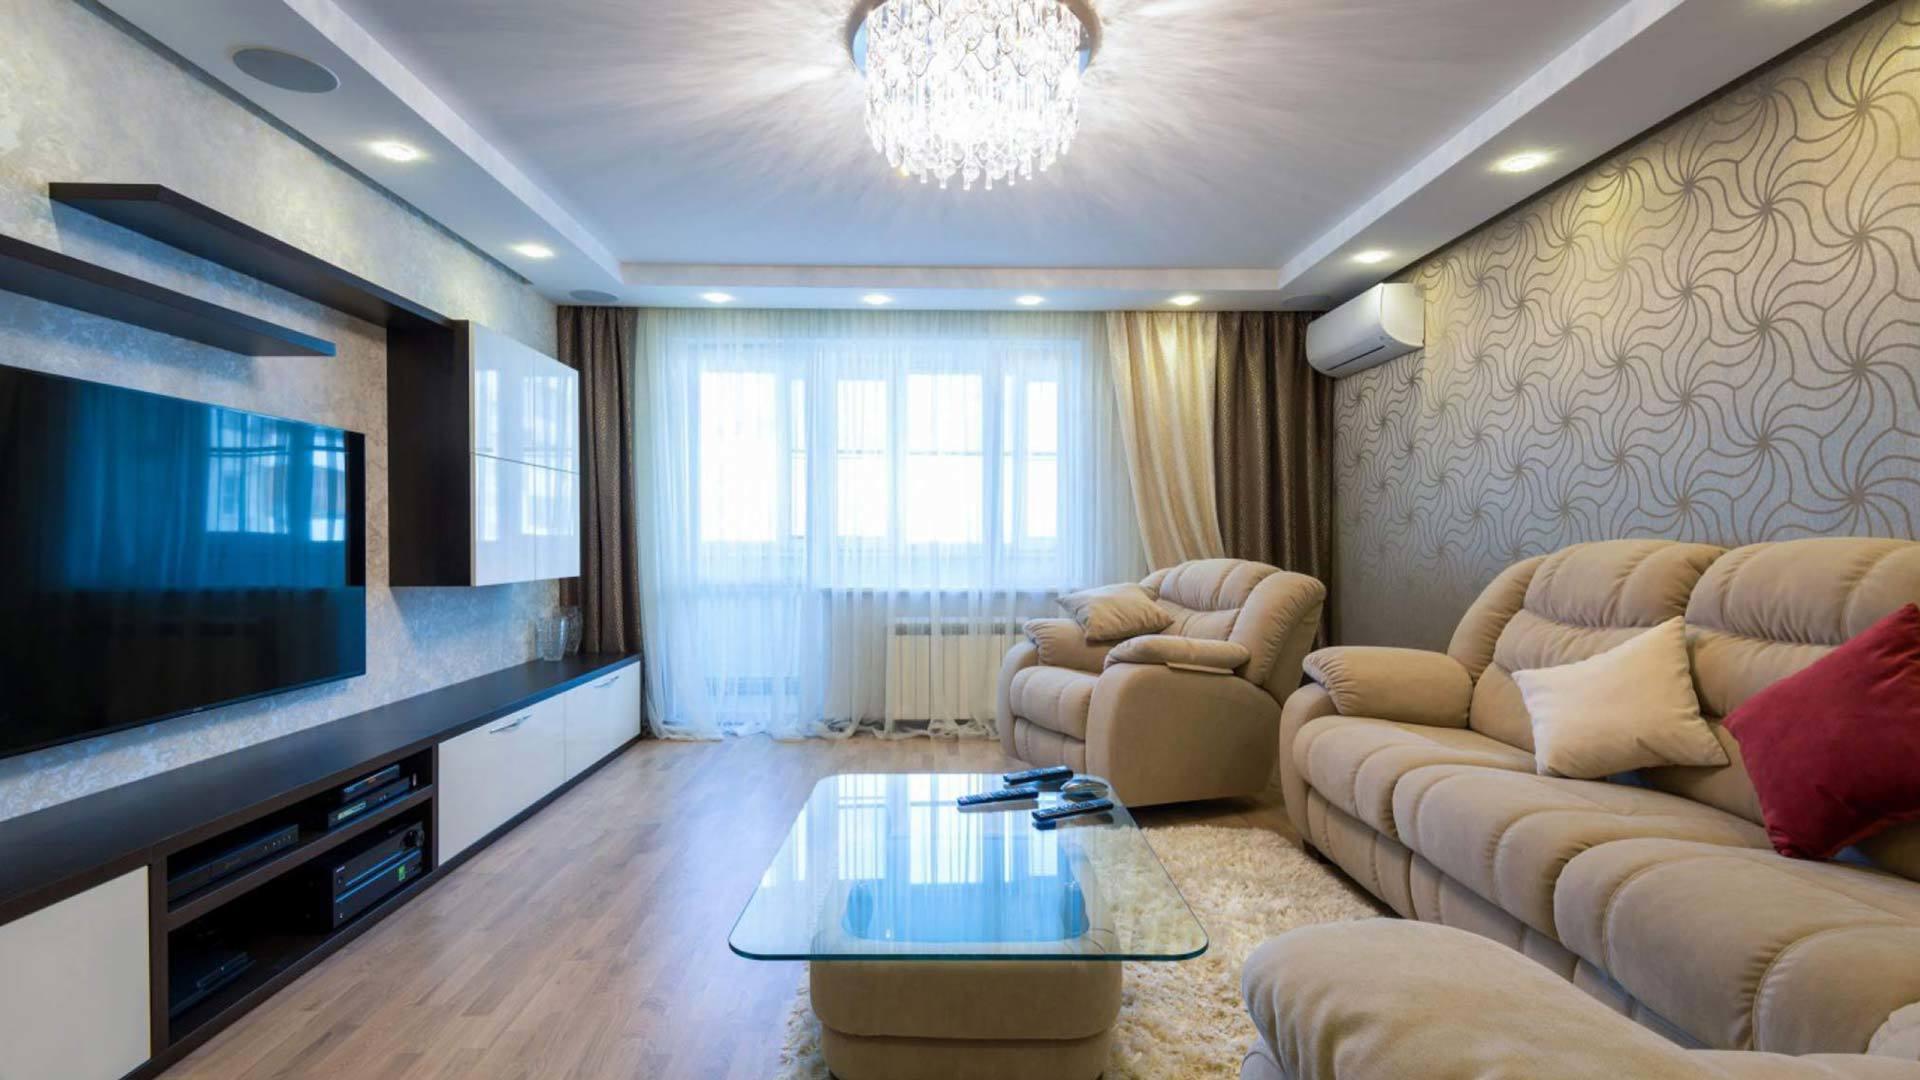 Ремонт квартир в Москве недорого по низким ценам, фото работ